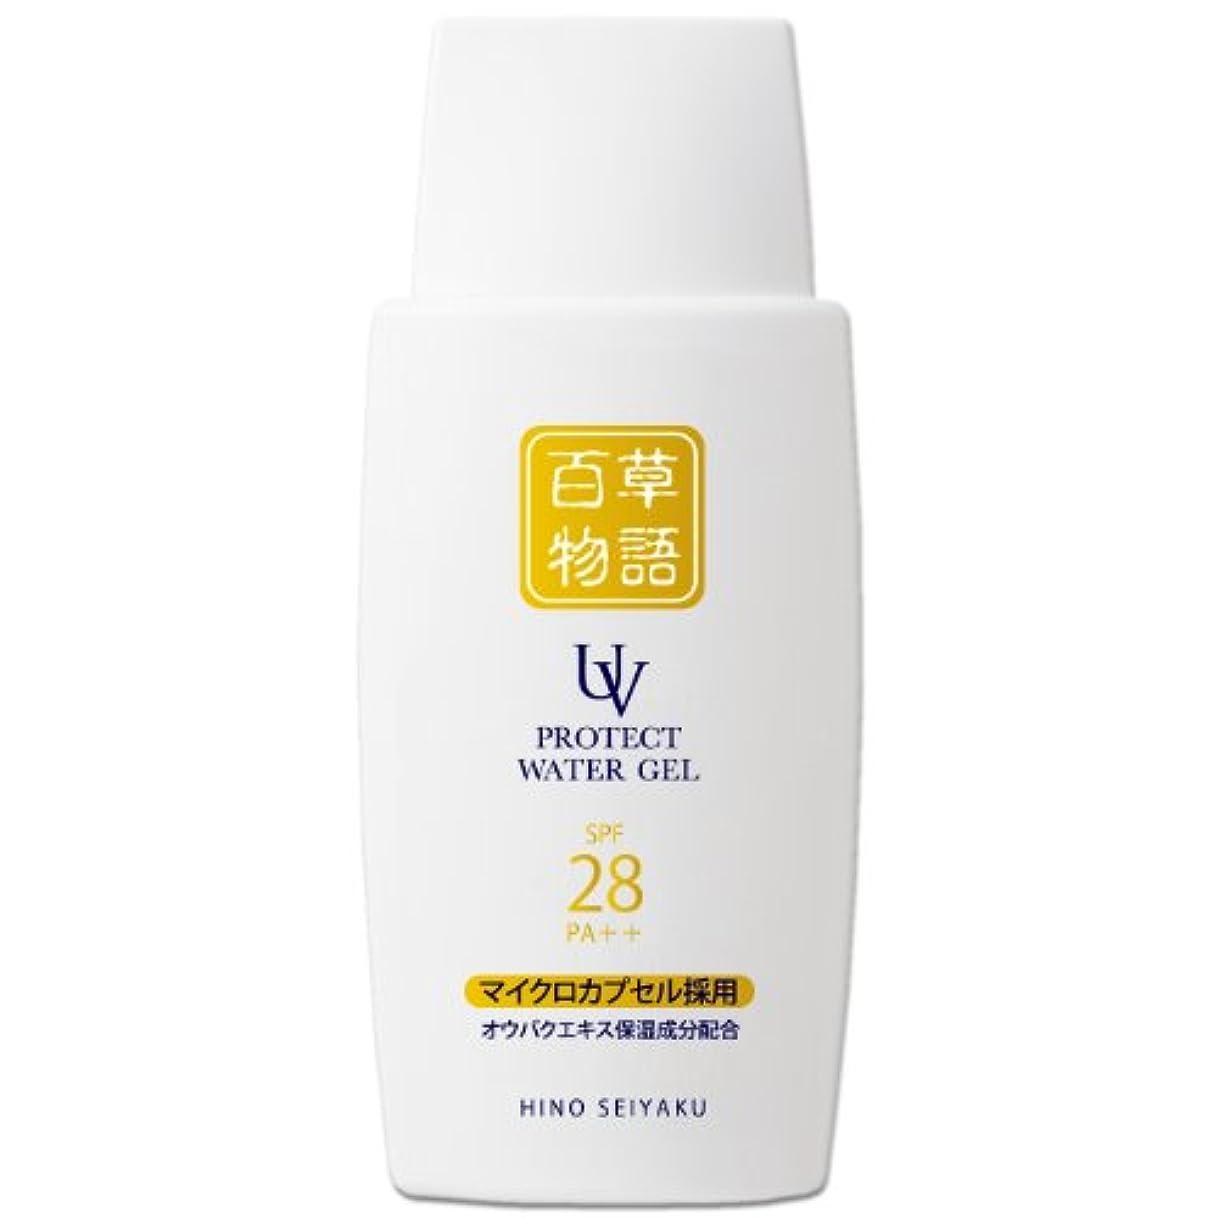 日野製薬 【百草物語UVプロテクト ウォータージェル】 80g 紫外線対策 UVカット 日焼け止め